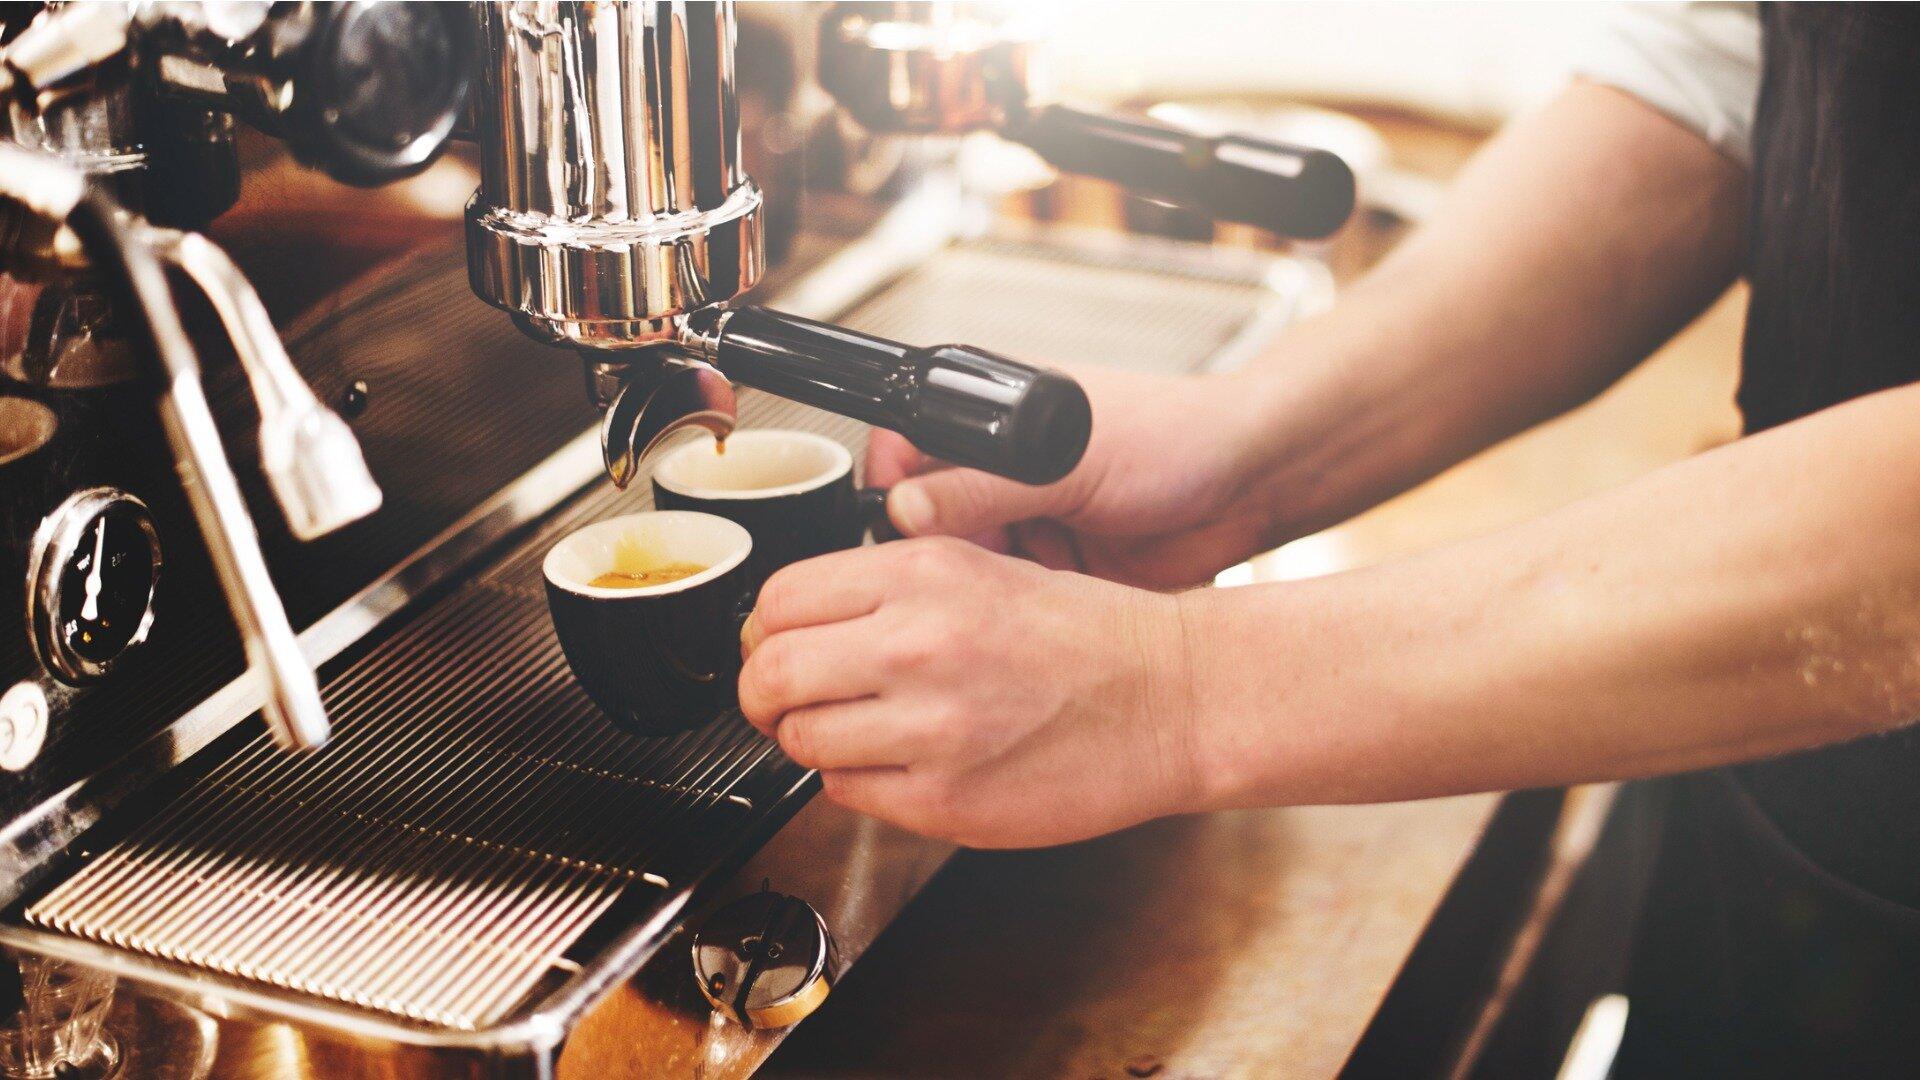 Eksploatacja i konserwacja profesjonalnego ekspresu do kawy